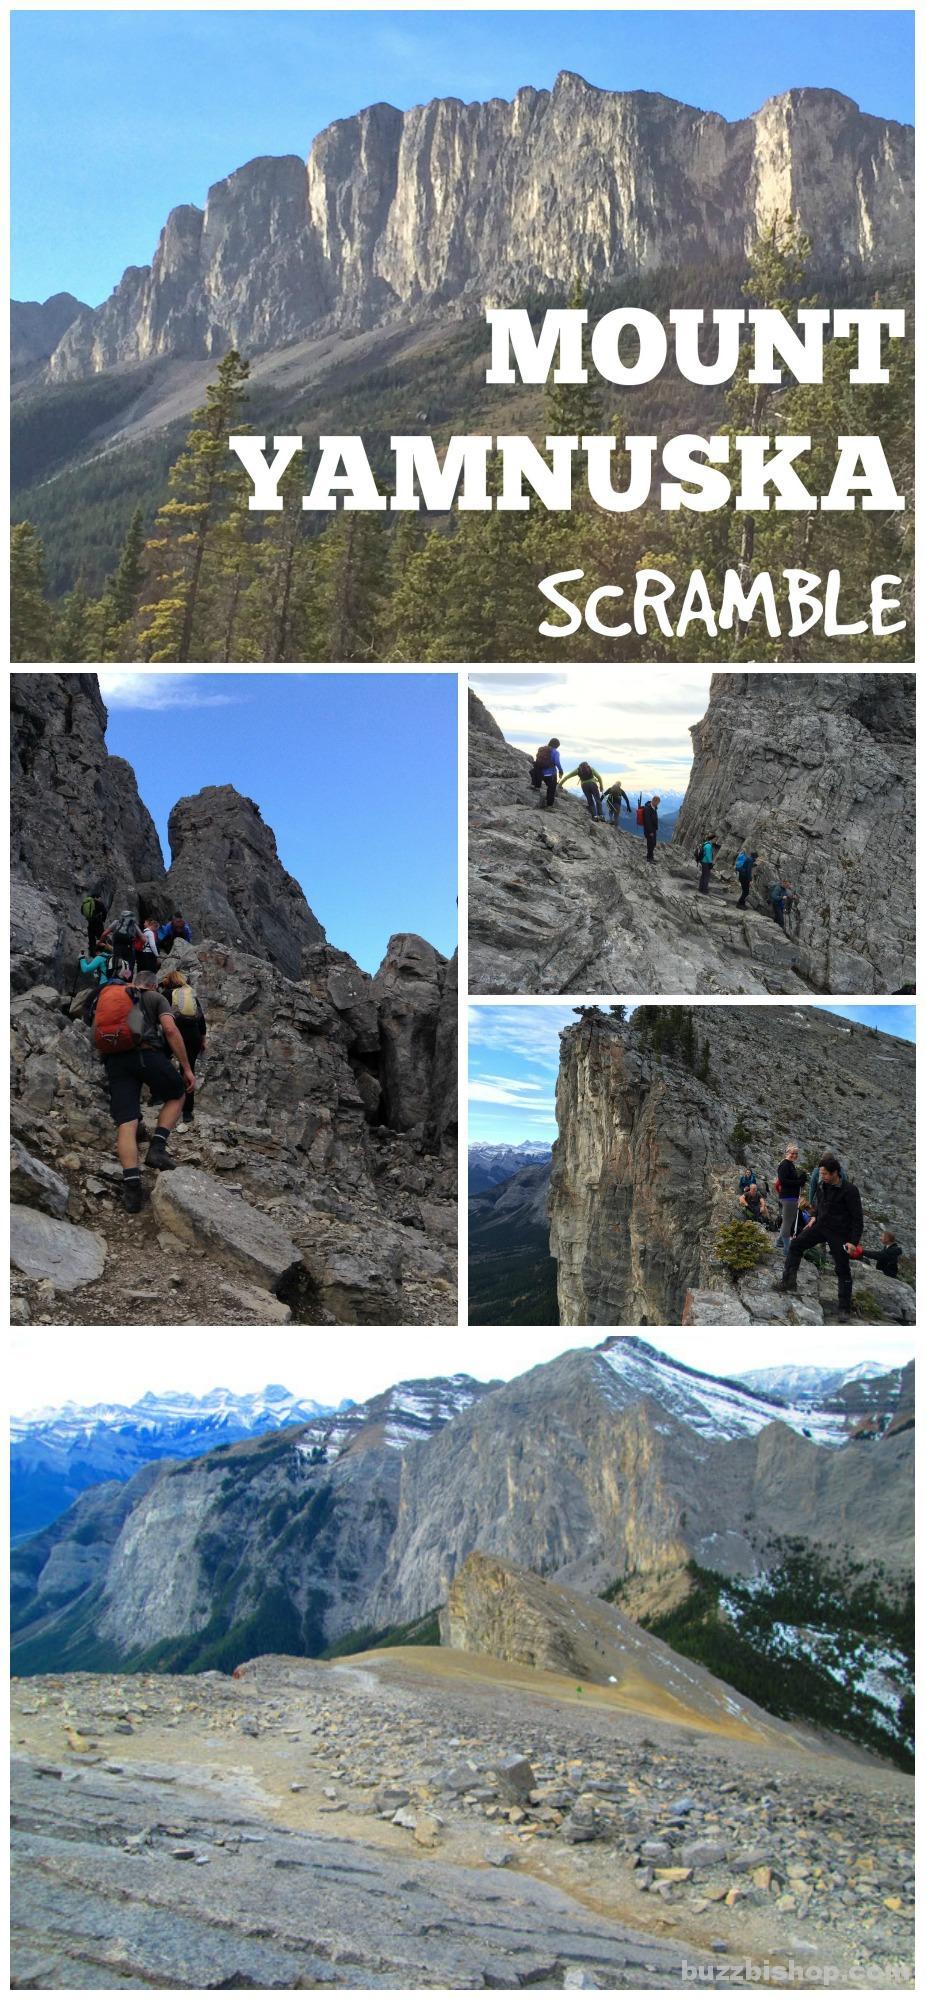 Mount Yamnuska Scramble